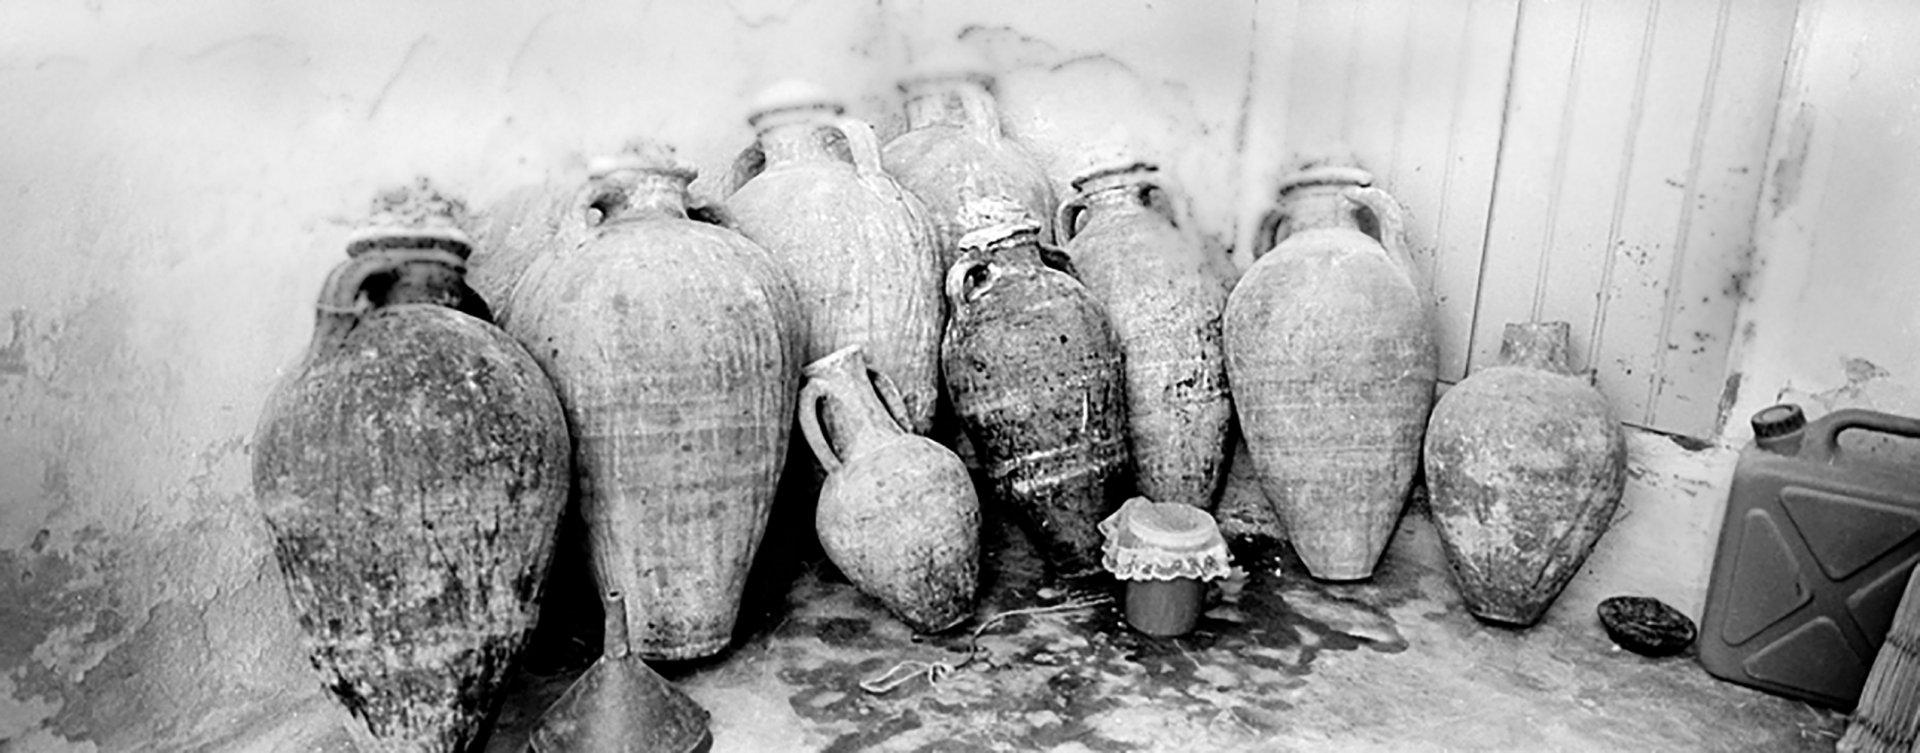 «Amphores à vin» Har Akebira, Djerba, 2002